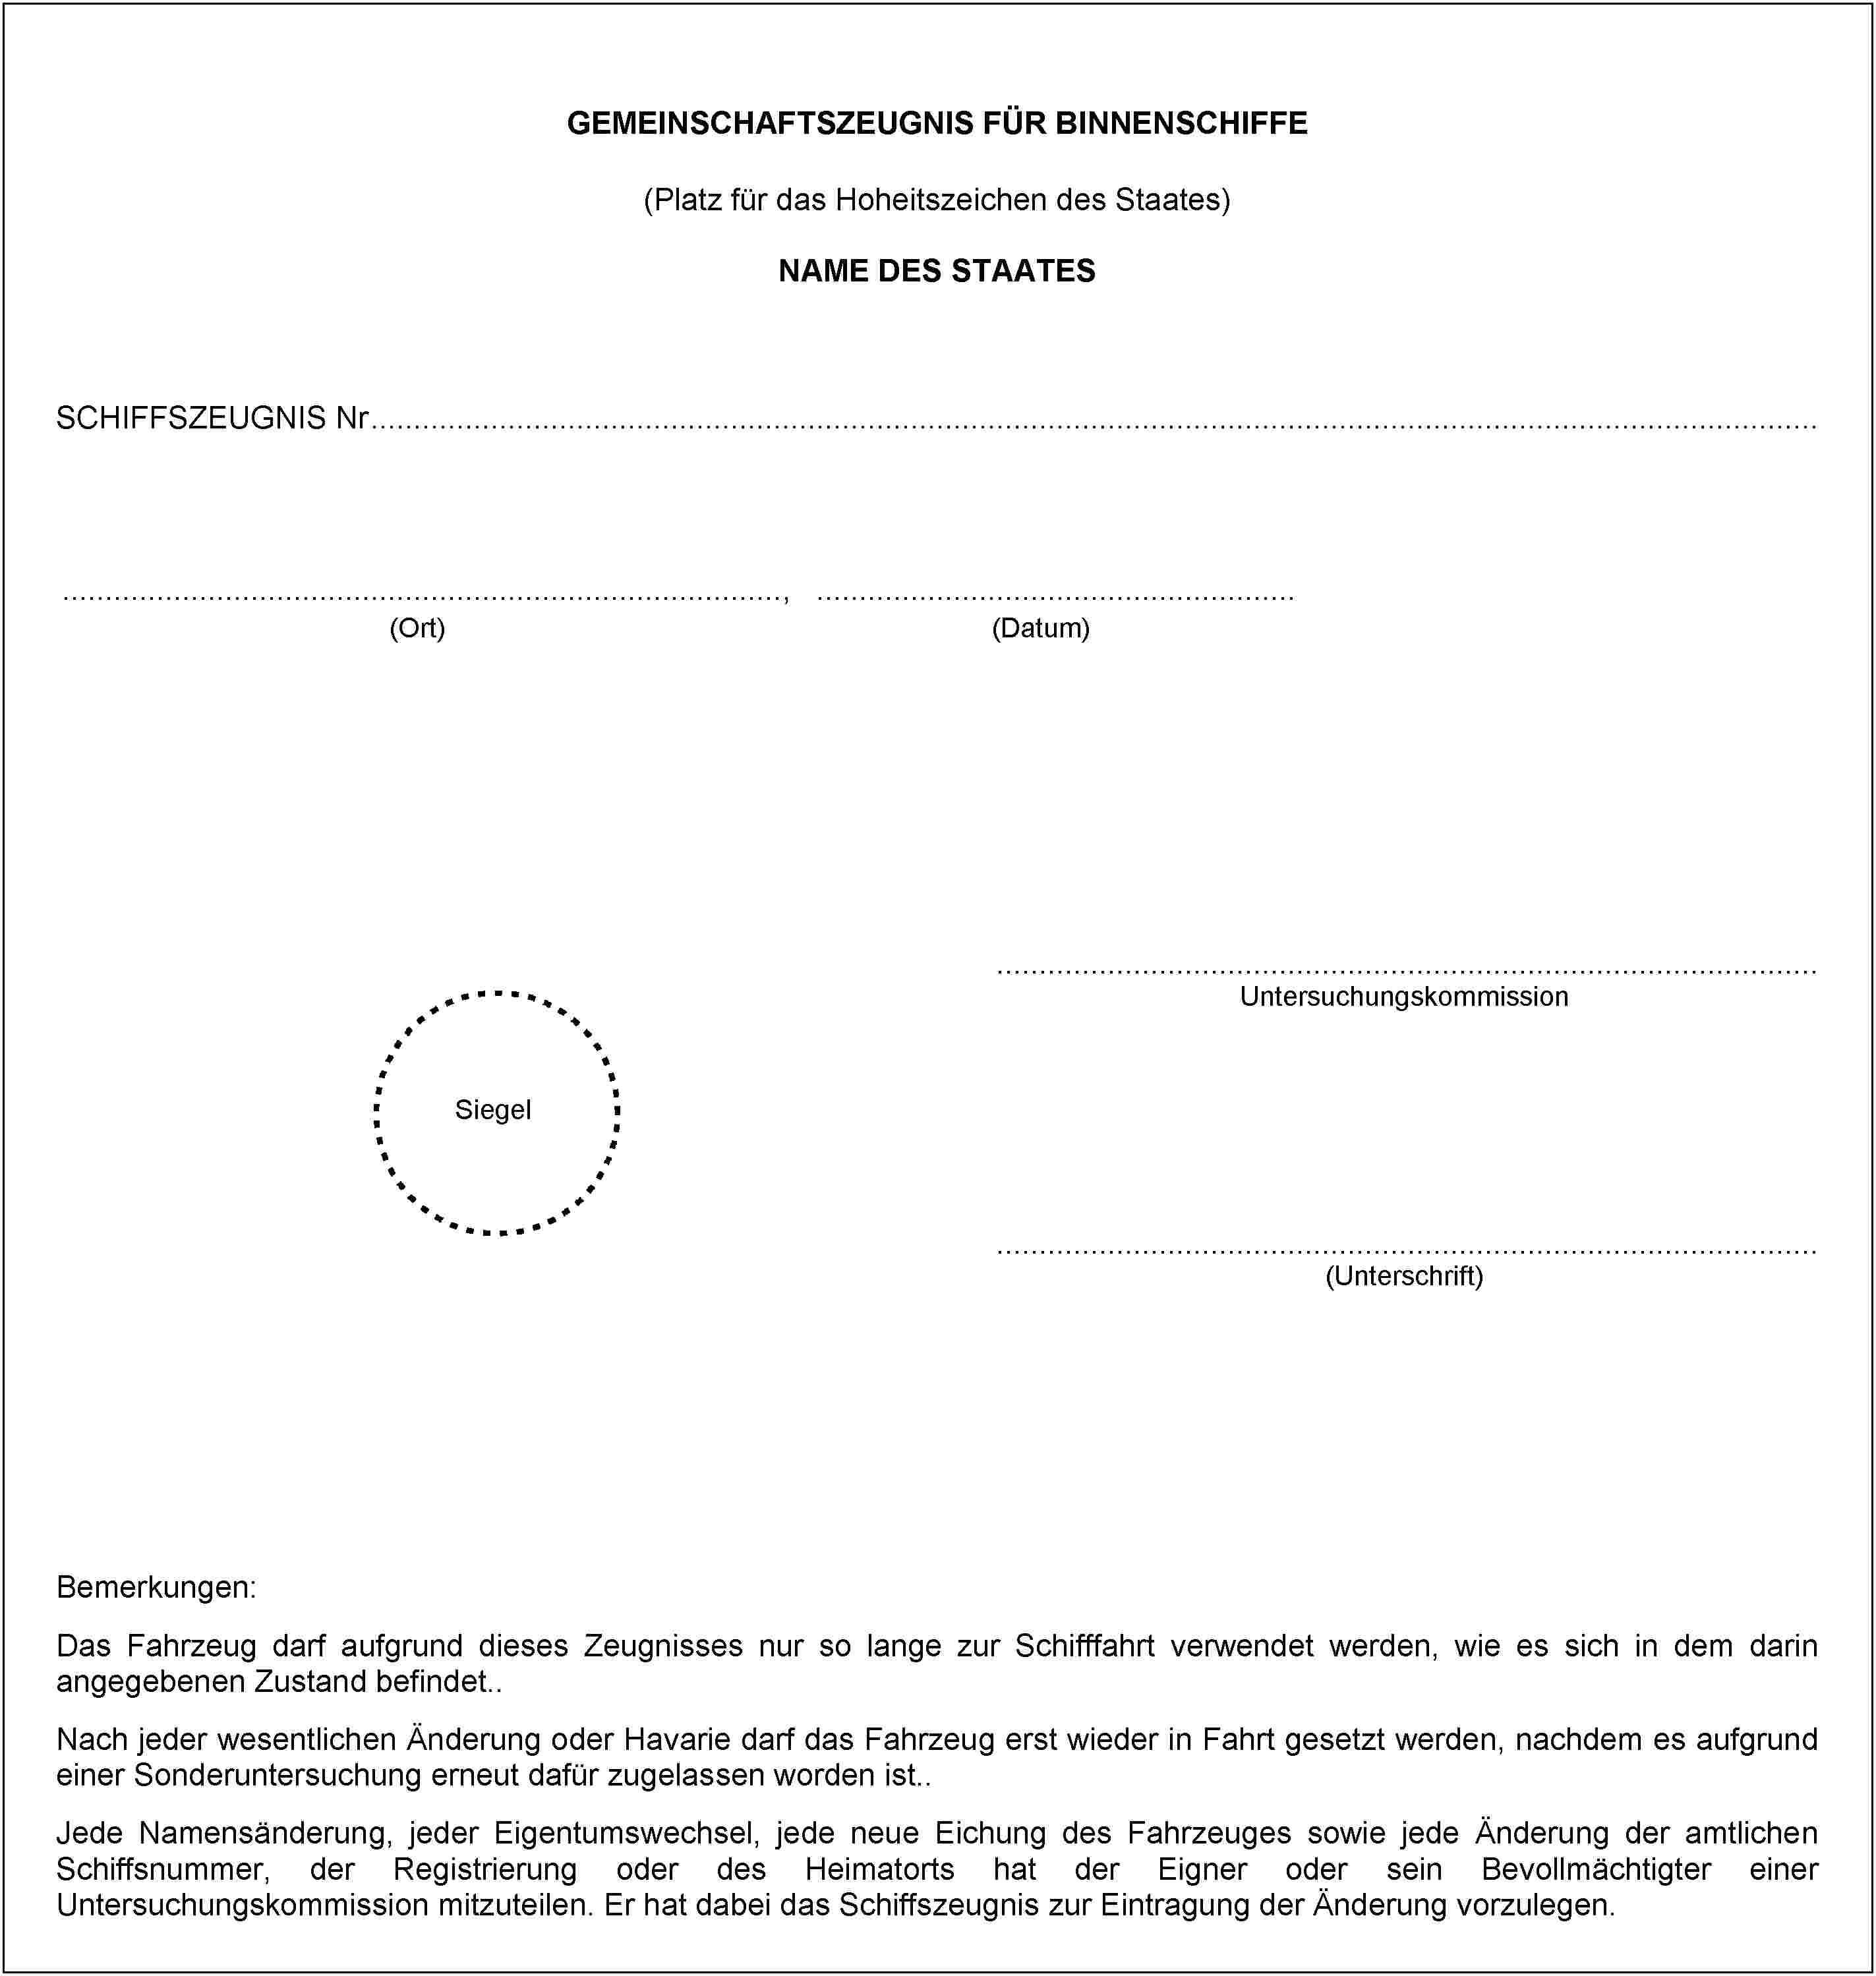 EUR-Lex - 02006L0087-20090131 - EN - EUR-Lex